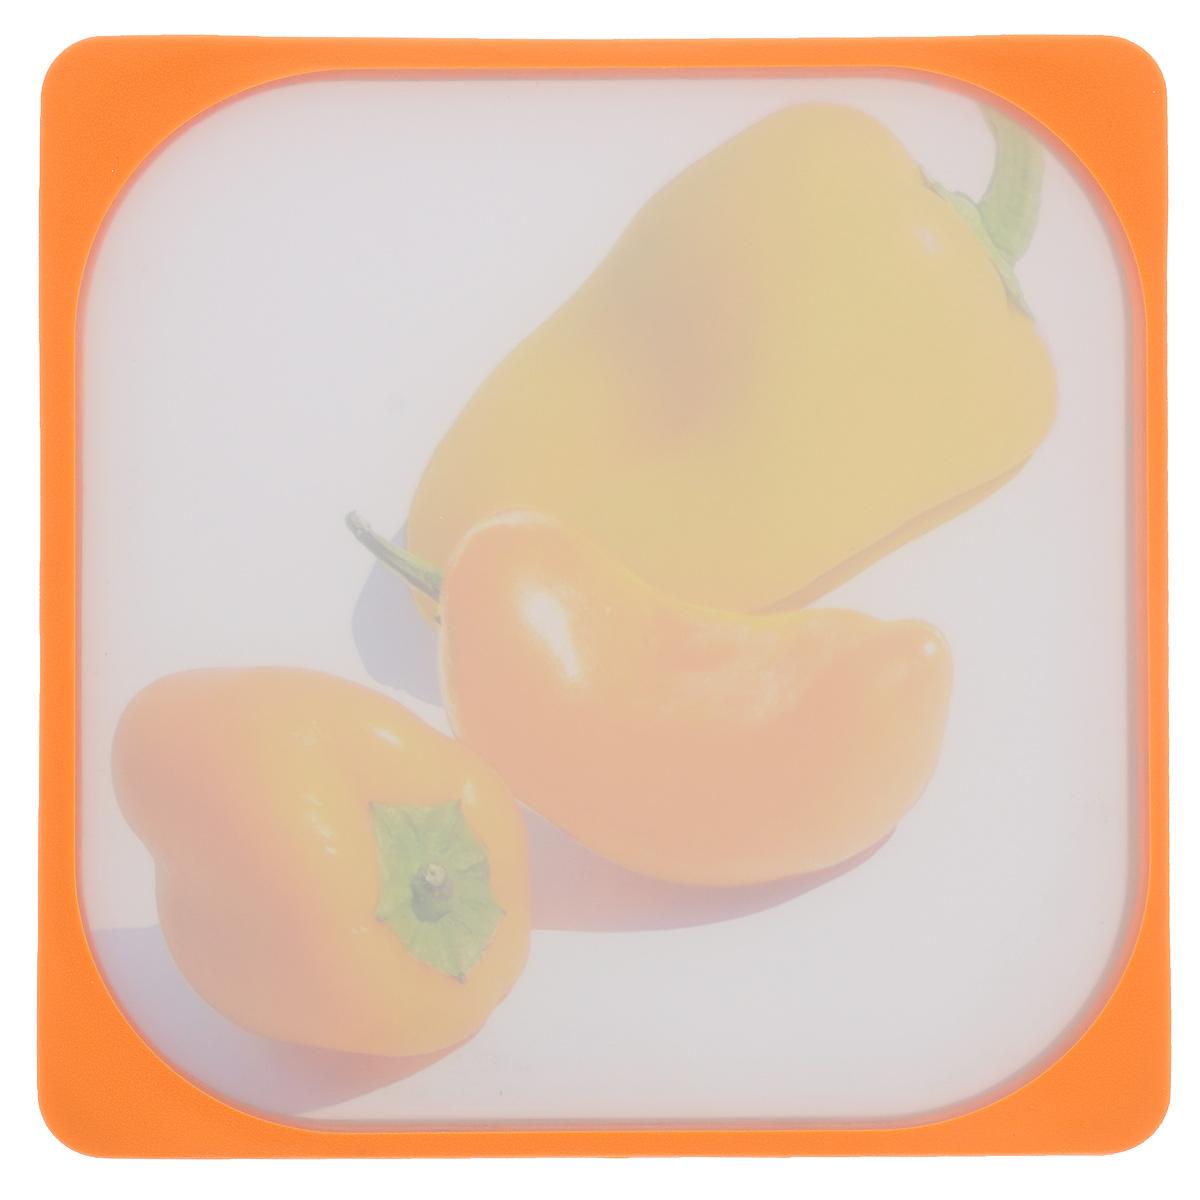 Доска разделочная Frybest Паприка, цвет: оранжевый, 26 х 26 смMD-2626 ПаприкаРазделочная доска Frybest Паприка представляет собой комбинацию нескольких материалов: дерево, пластик с мелкодисперсной структурой и двусторонним покрытием Microban и силикон. Материалы непористые, что предотвращает впитывание запаха. Доска имеет специальное антибактериальное покрытие, защищающее поверхность от появления бактерий. Доску можно использовать с двух сторон. Лицевая сторона оформлена красочным изображением спелых томатов. Углубления по краю доски соберут весь сок и поверхность стола останется чистой. Благодаря силиконовой вставке по краю, доска не скользит по поверхности. Можно мыть в посудомоечной машине. Размер: 26 см х 26 см х 1 см.